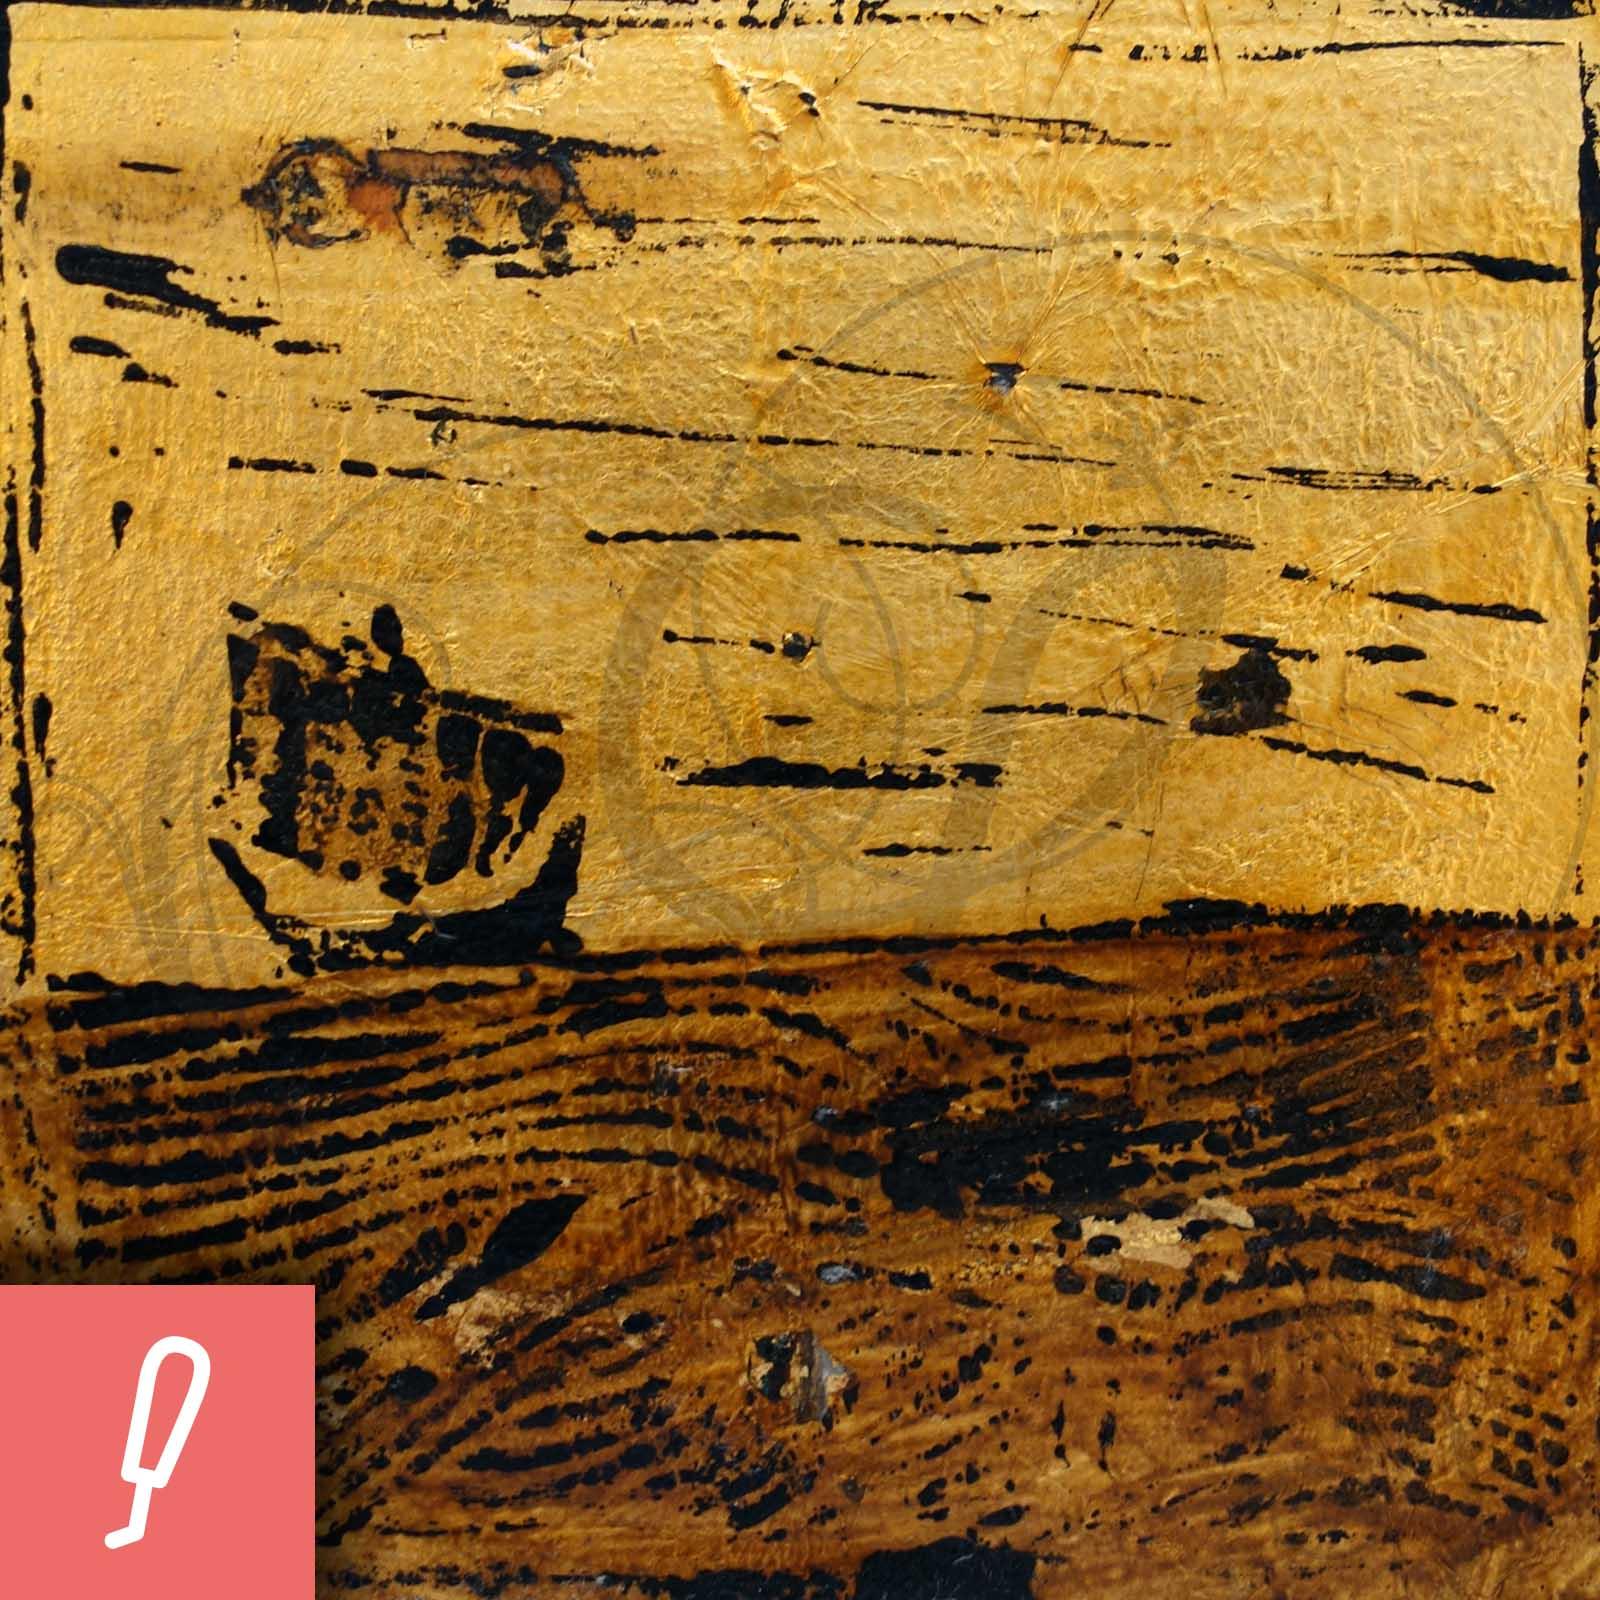 kadeg-gravure-114-01